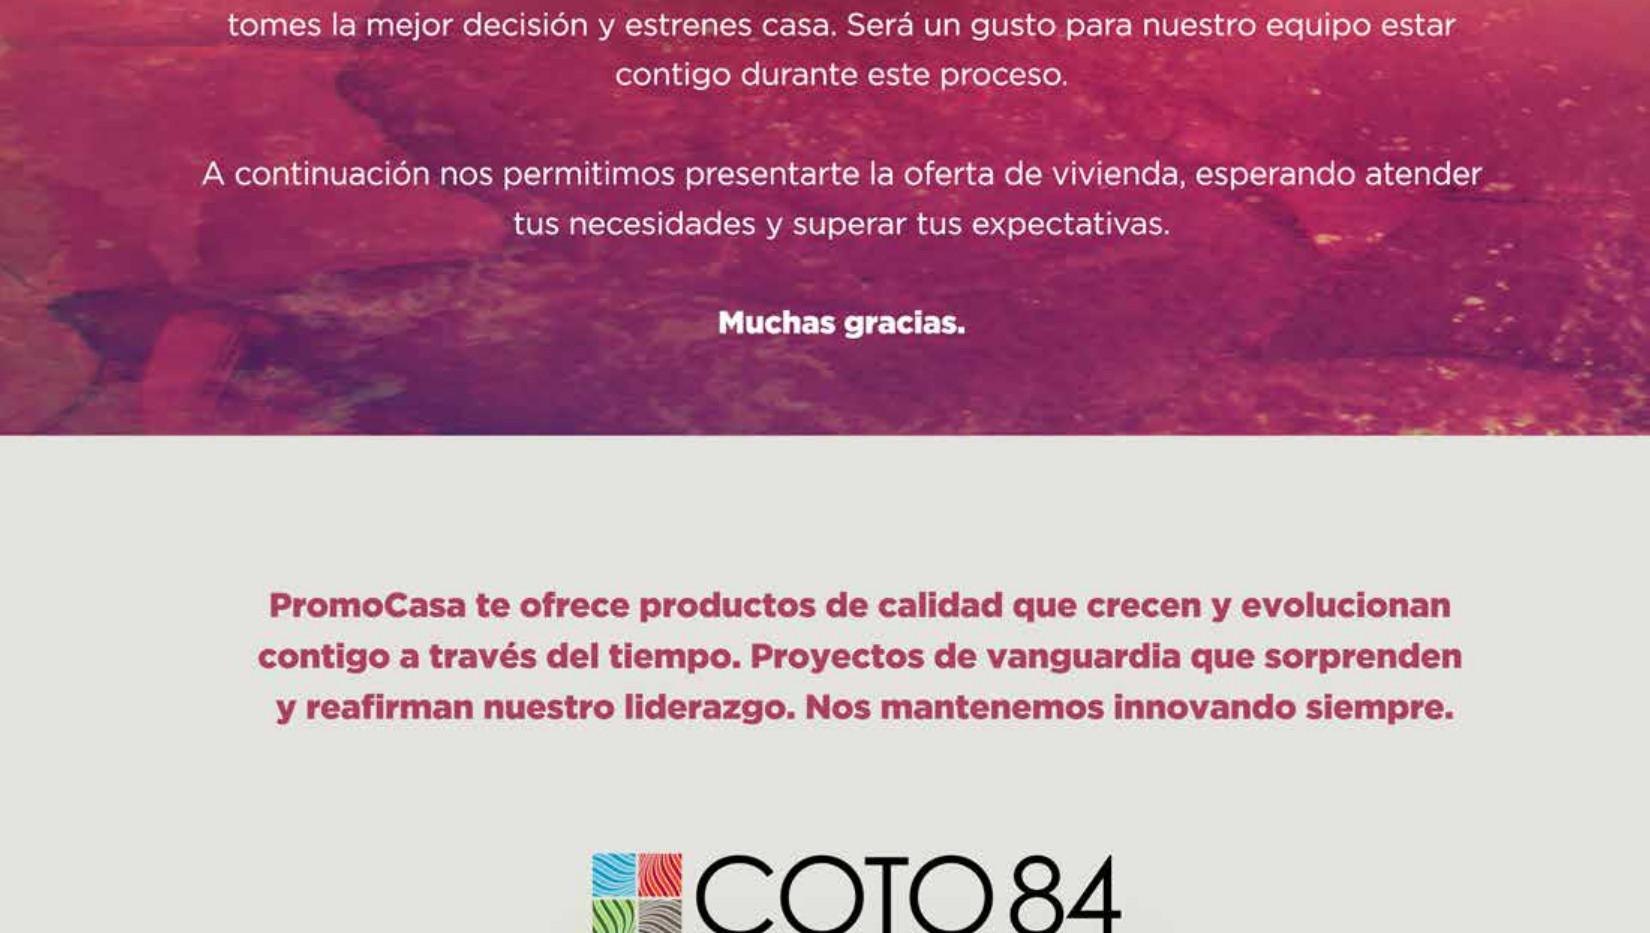 CV COTO 84_page-0002.jpg